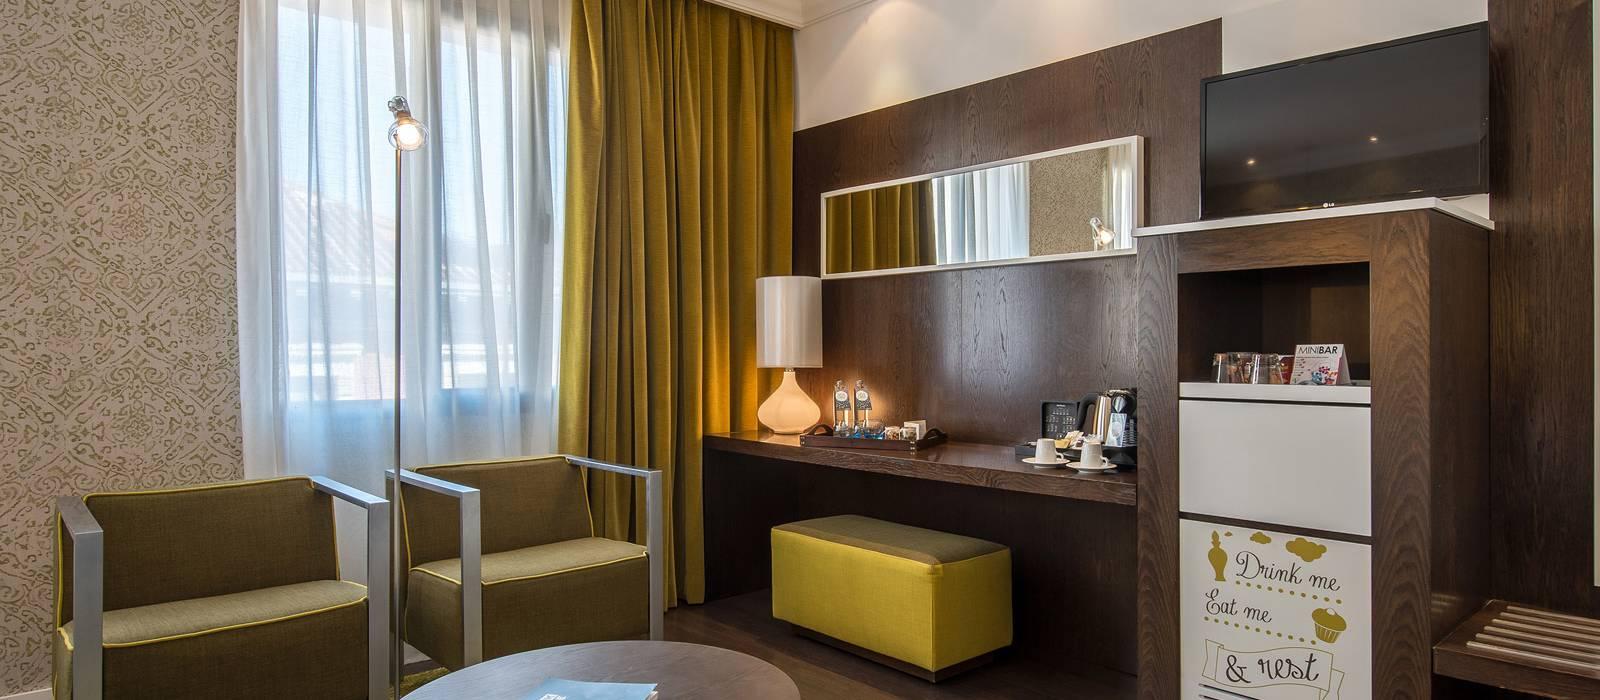 Rooms Hotel Vincci Madrid Centrum - Superior Room